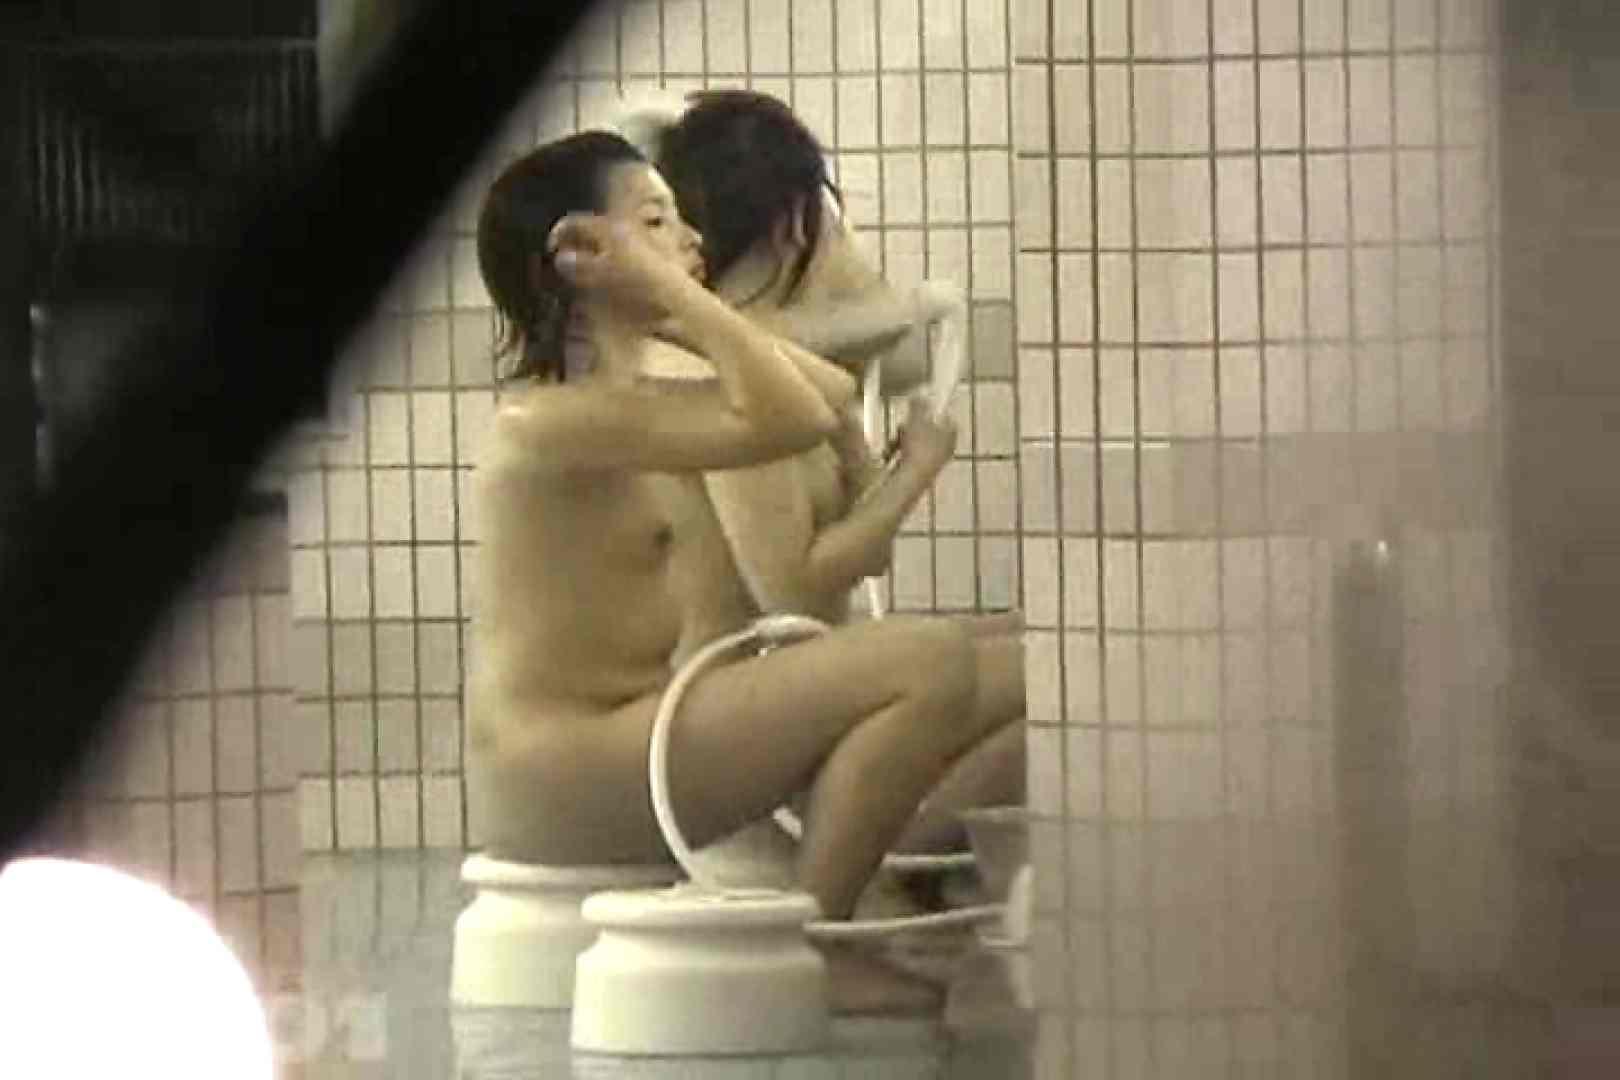 合宿ホテル女風呂盗撮高画質版 Vol.01 ホテル  53連発 48